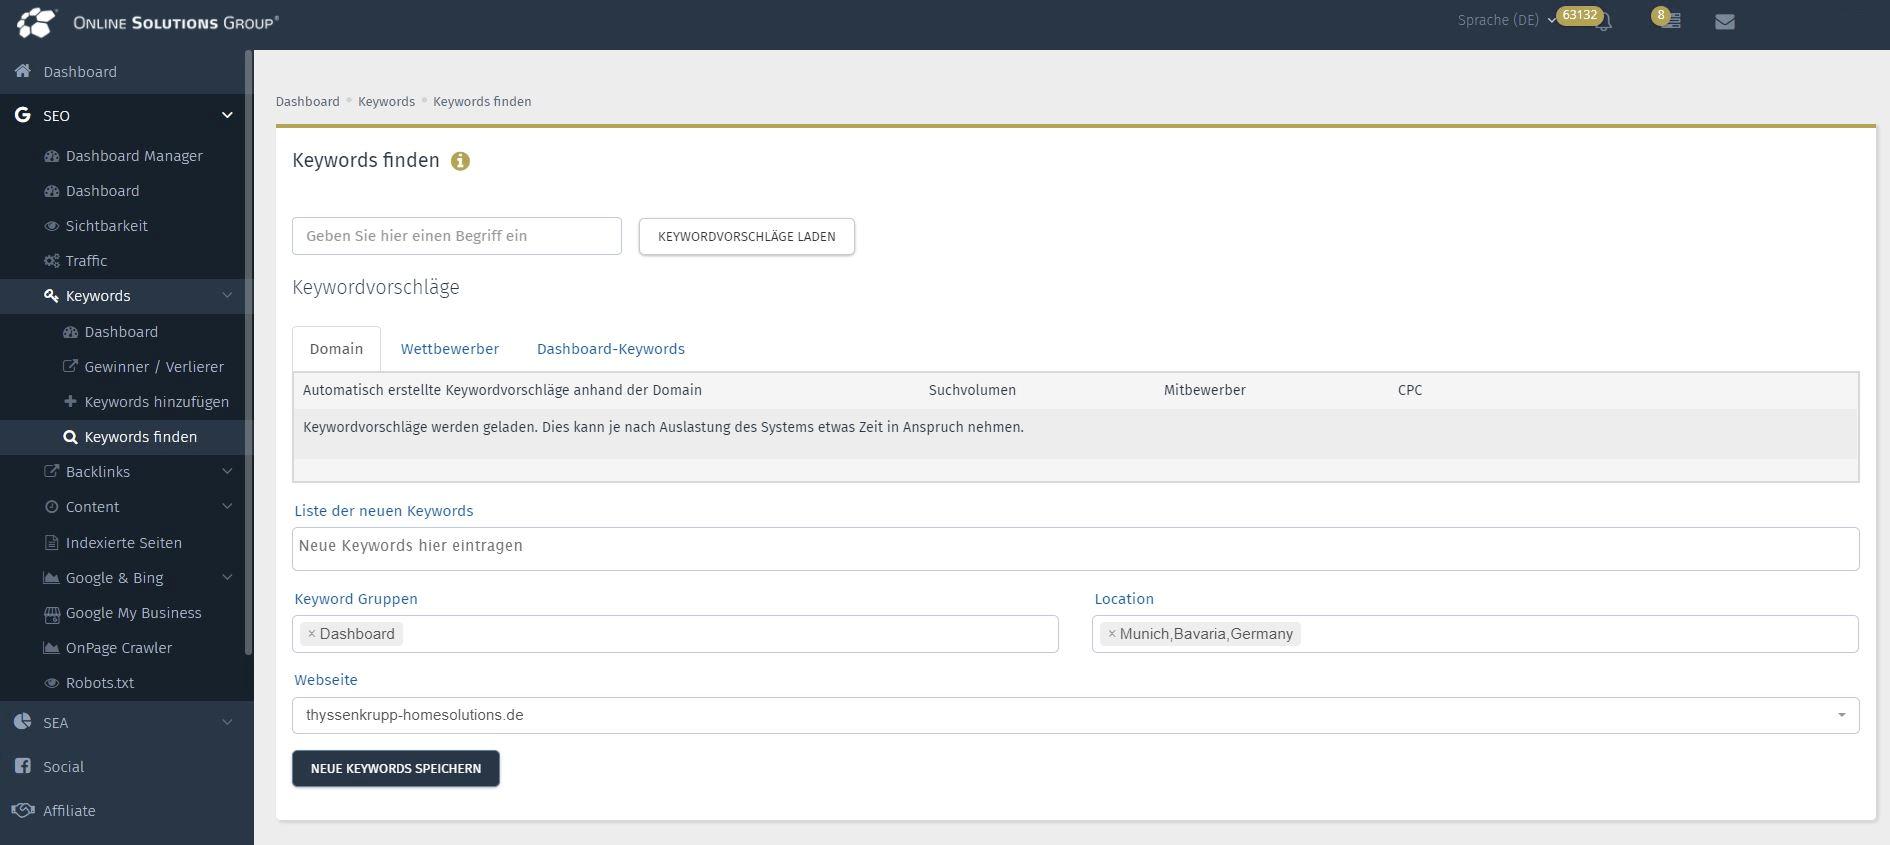 Das SEA Tool in der Performance Suite: Neue Keywords finden